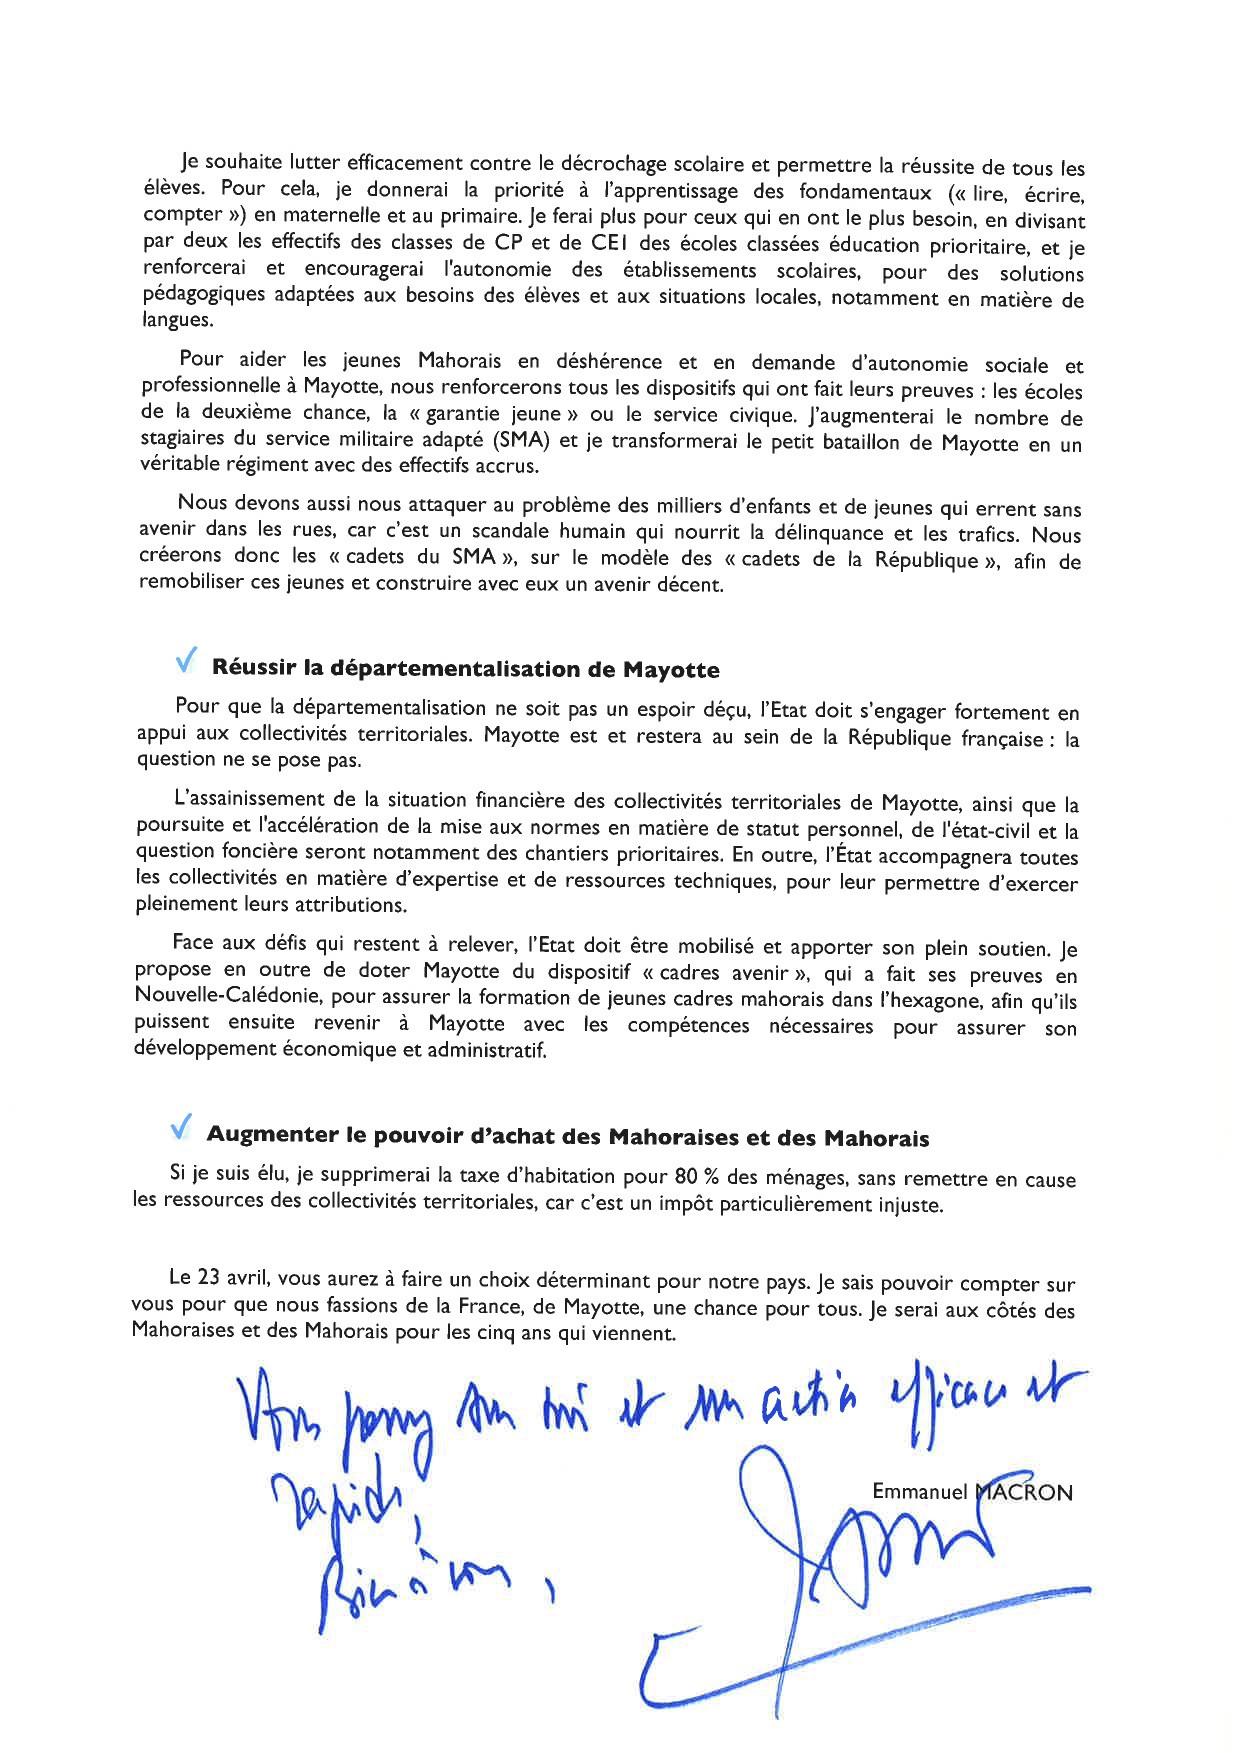 lettre-ouverte-Mayotte-3